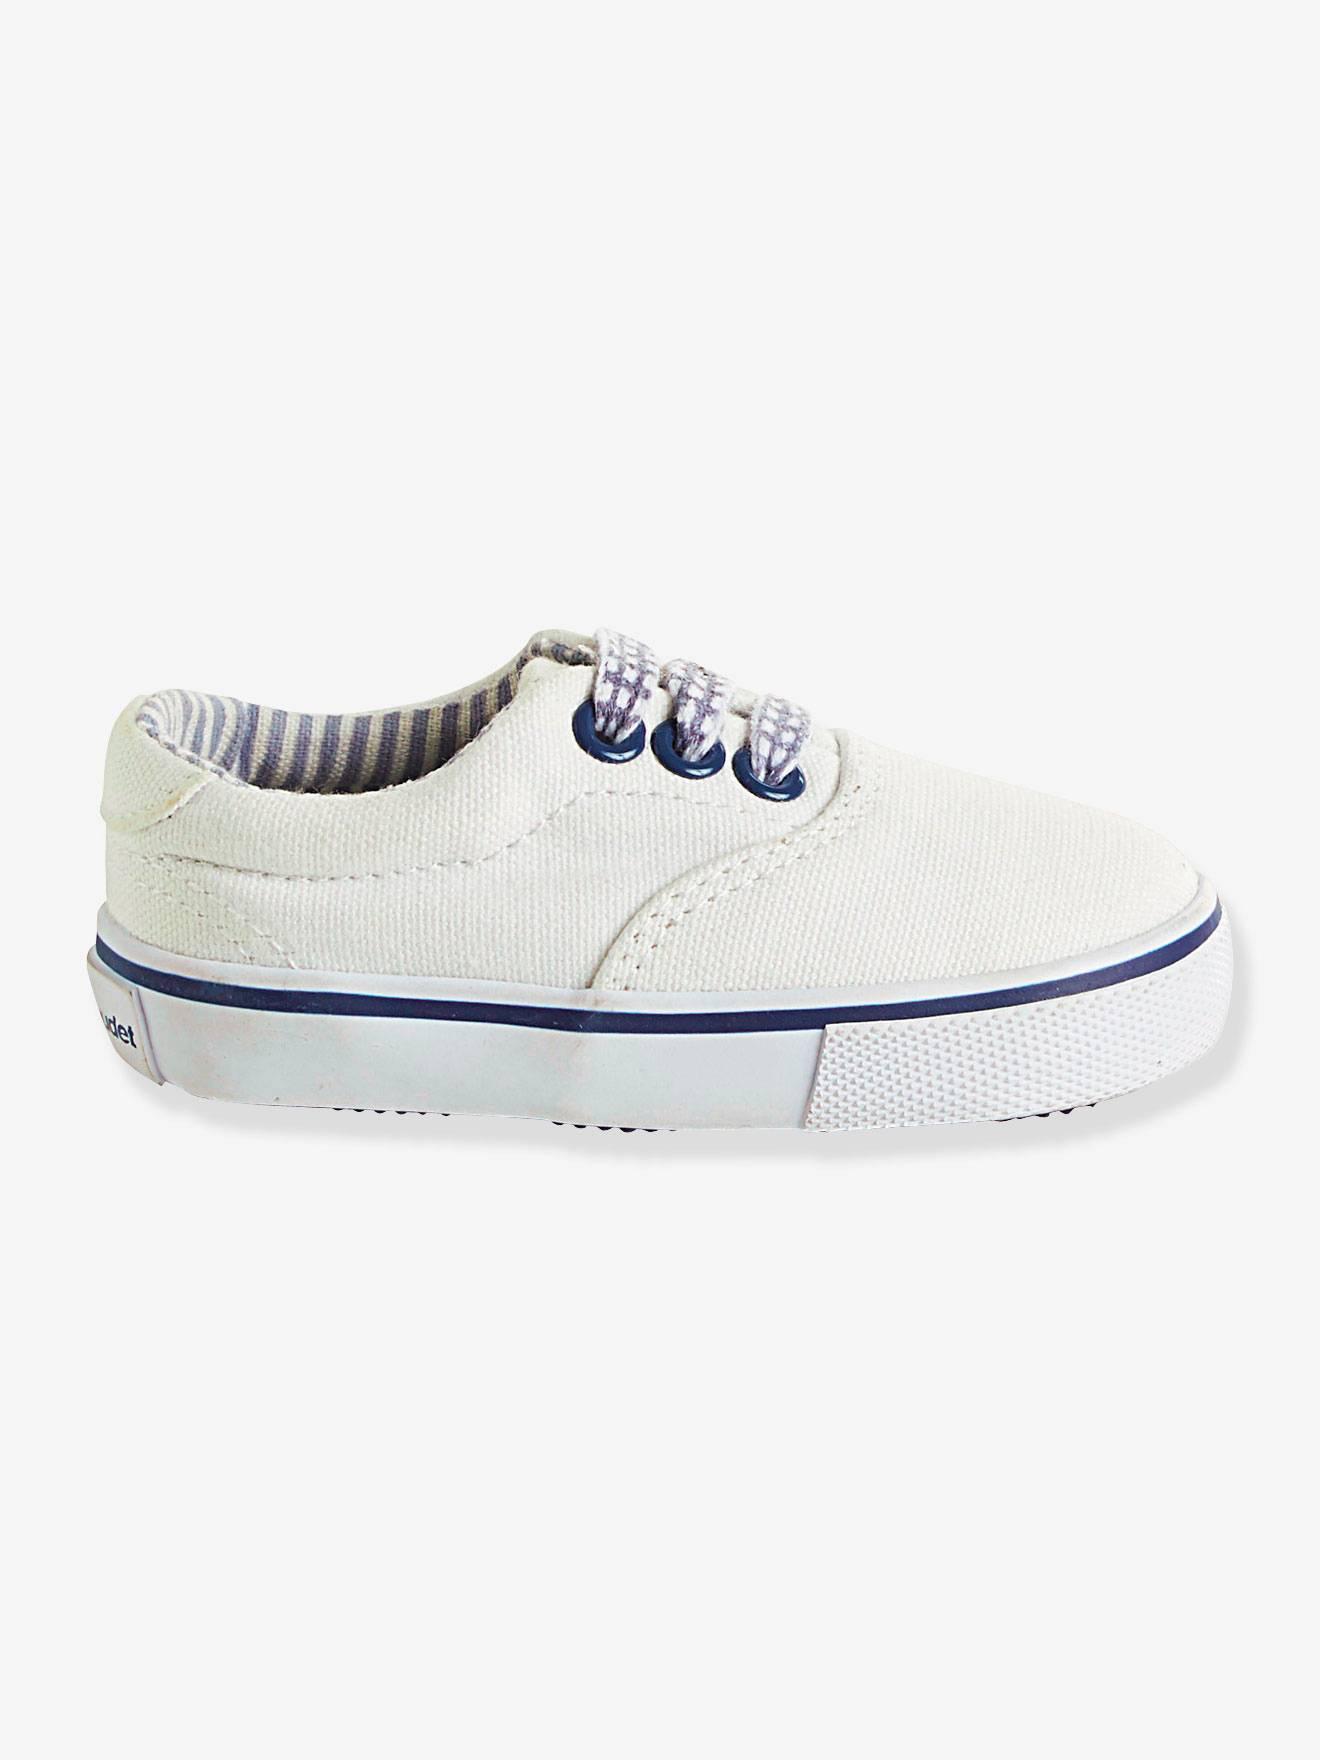 Sneakers Vertbaudet Børnesko til Børn i Hvid